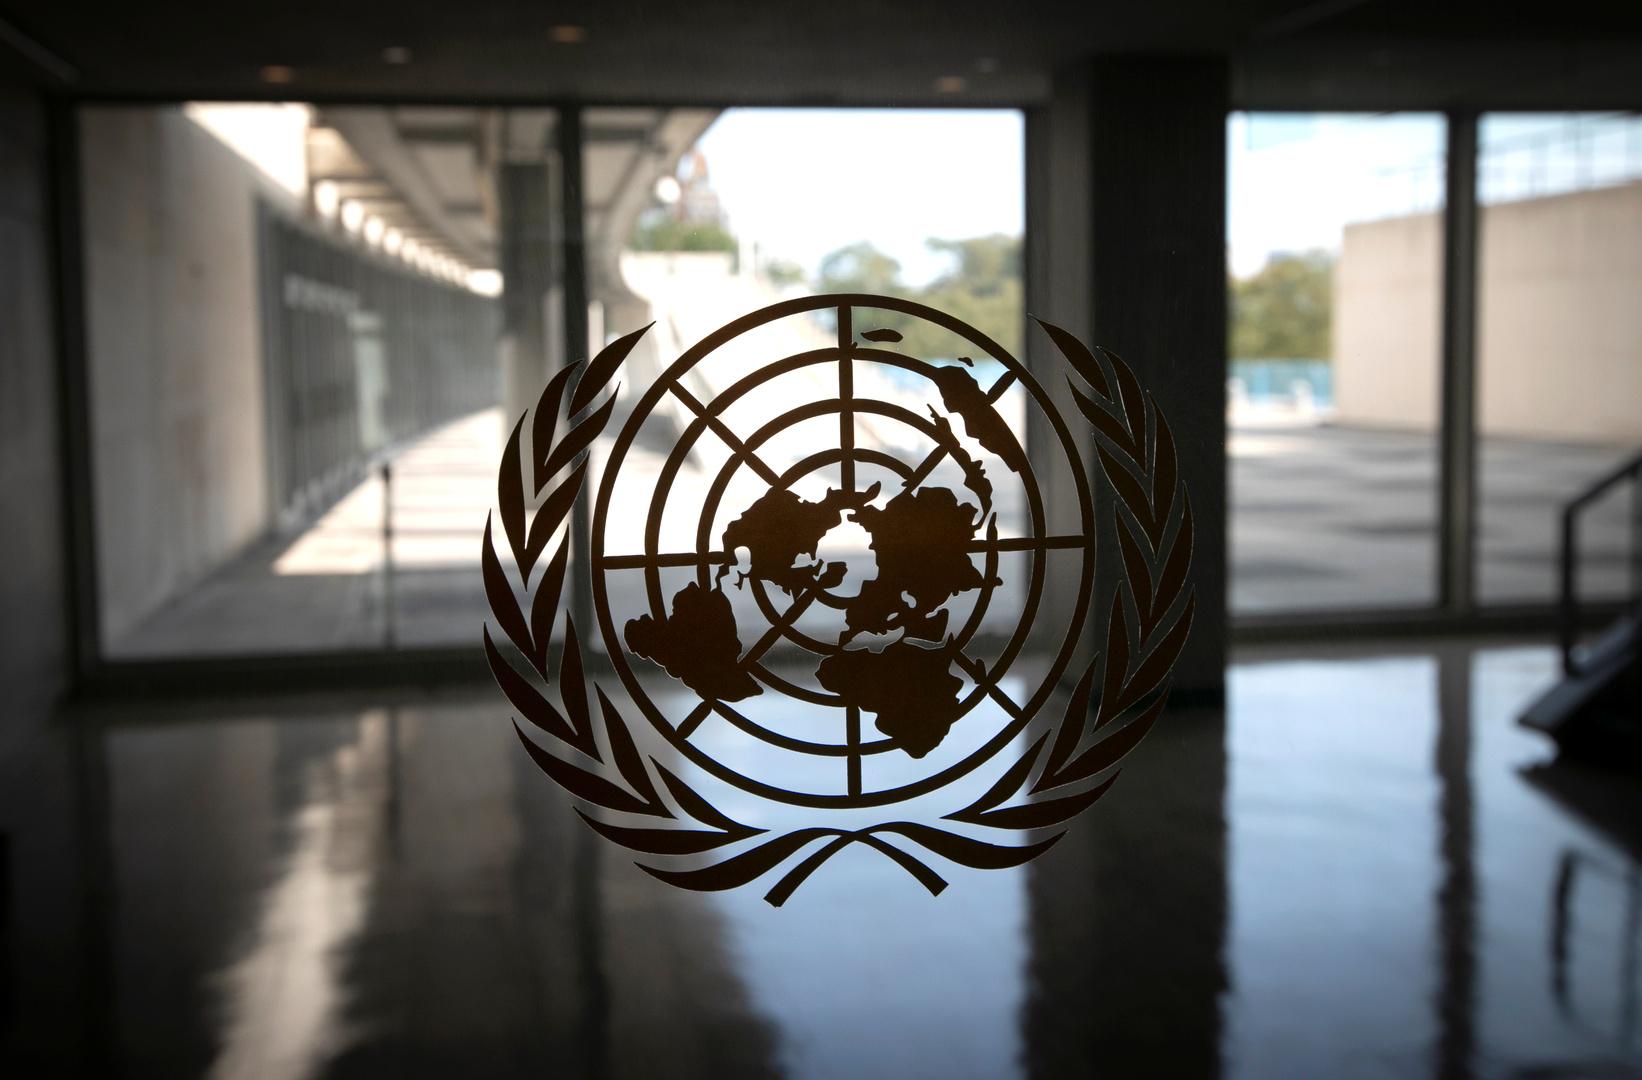 الأمم المتحدة تطلب جمع الأموال لمساعدة